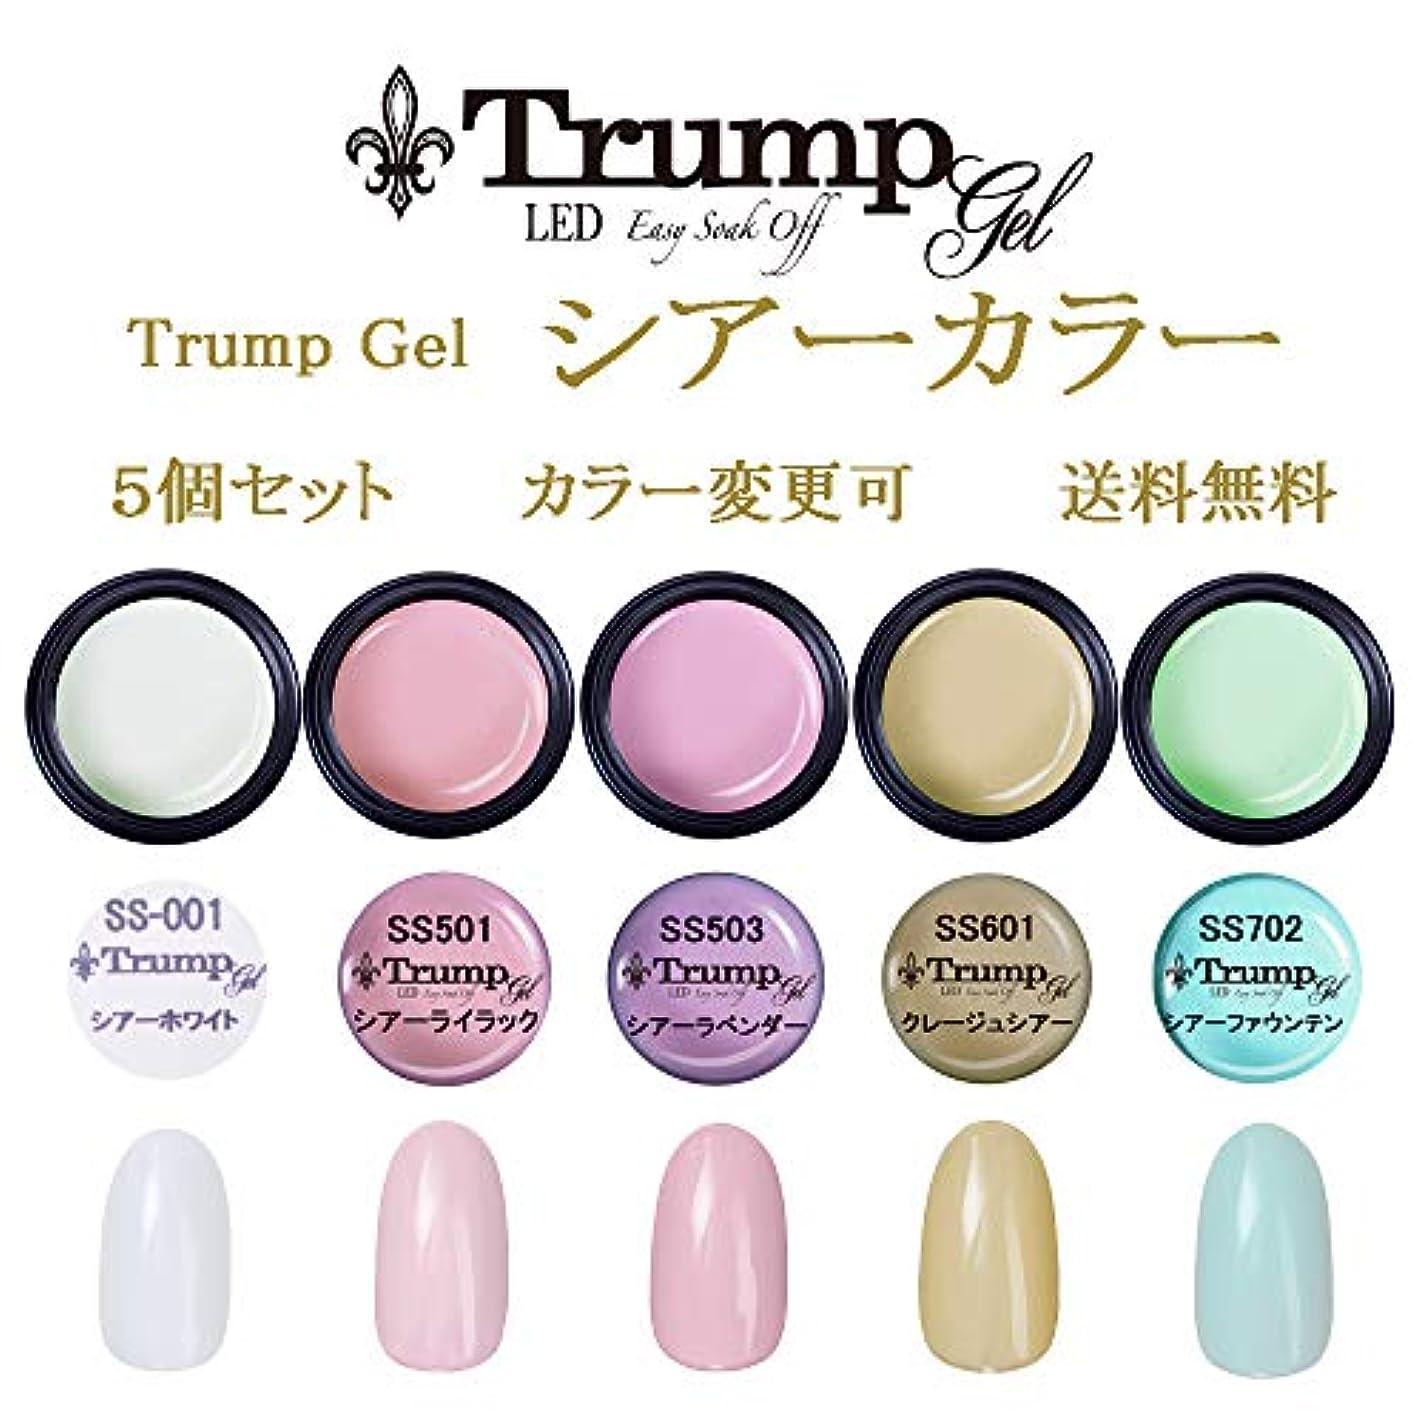 値するミュート日記日本製 Trump gel トランプジェル シアー カラージェル 選べる 5個セット ホワイト ピンク パープル イエロー ブルー